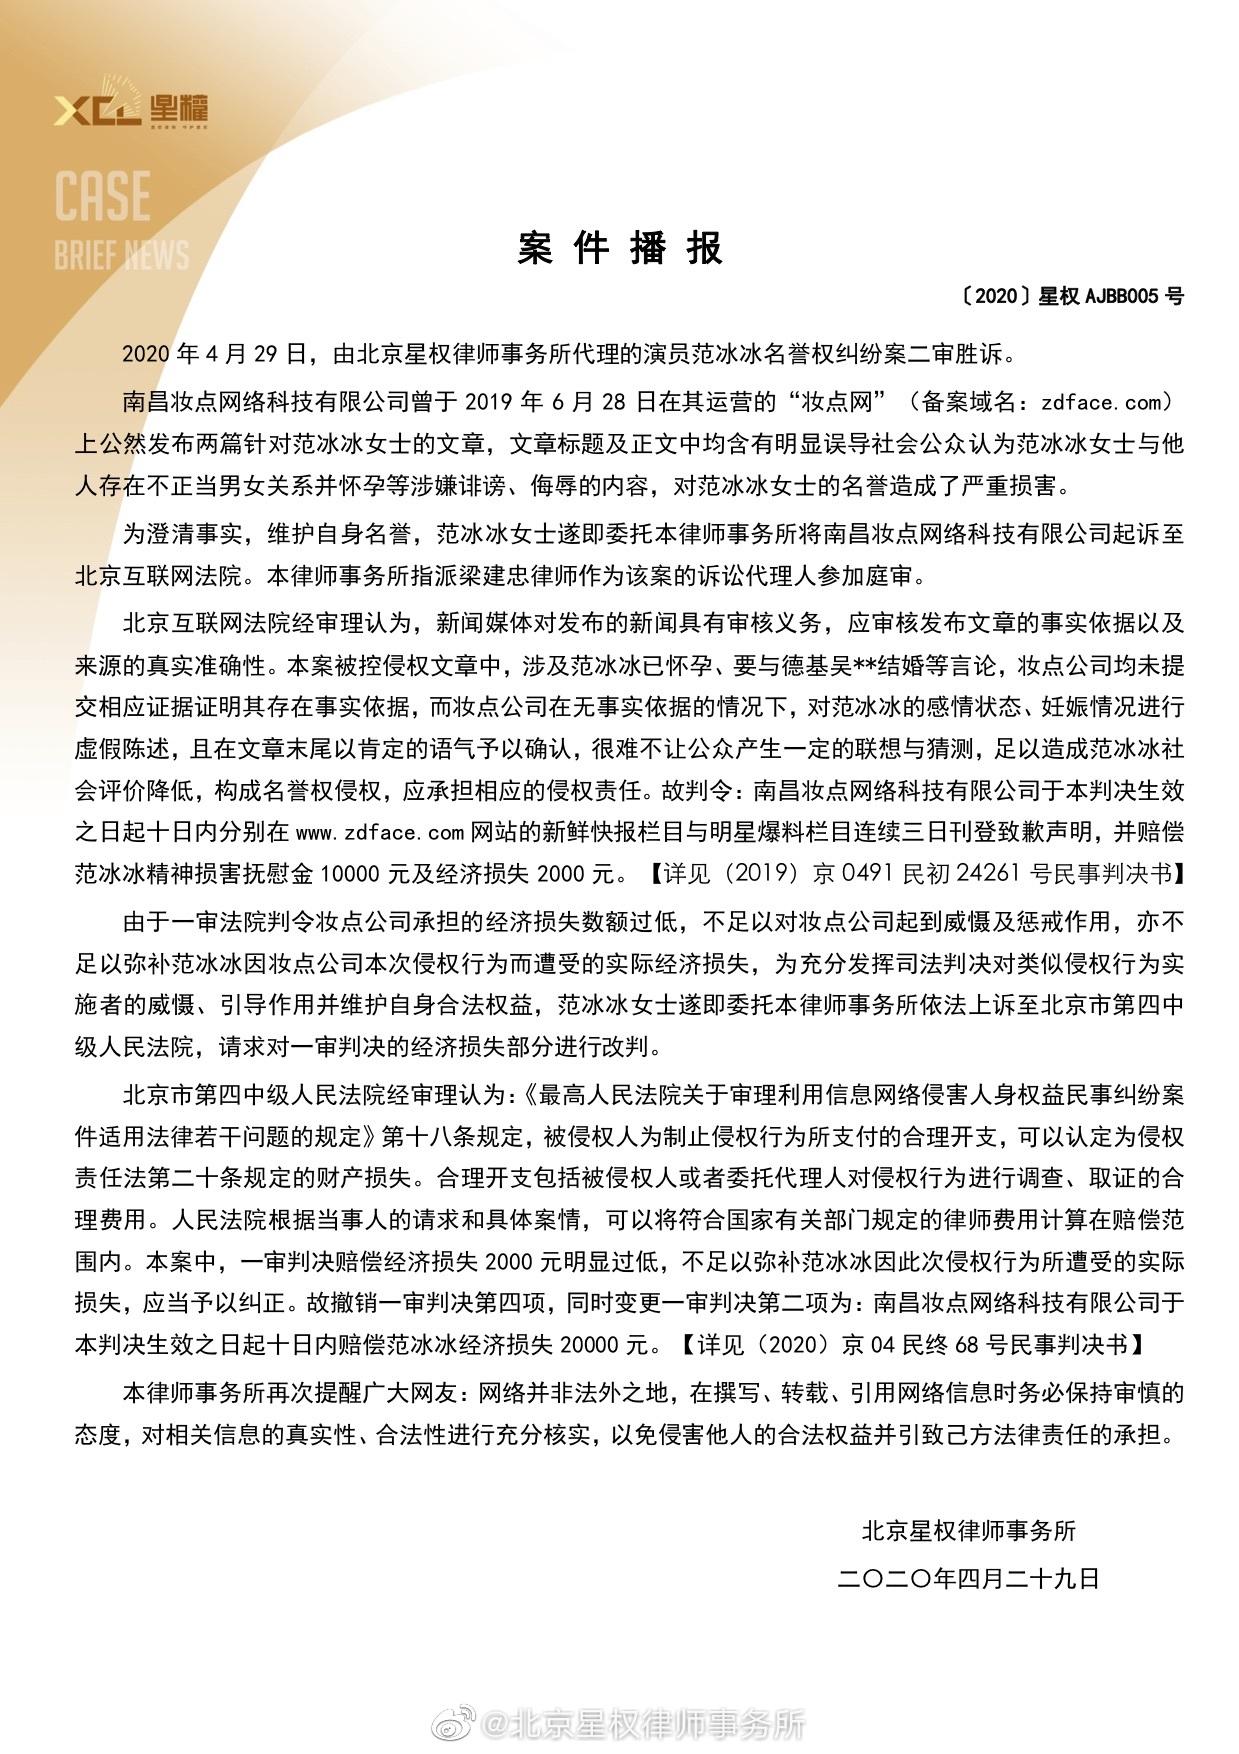 杏鑫,冰冰名誉权杏鑫纠纷案二审胜诉被告赔偿金图片